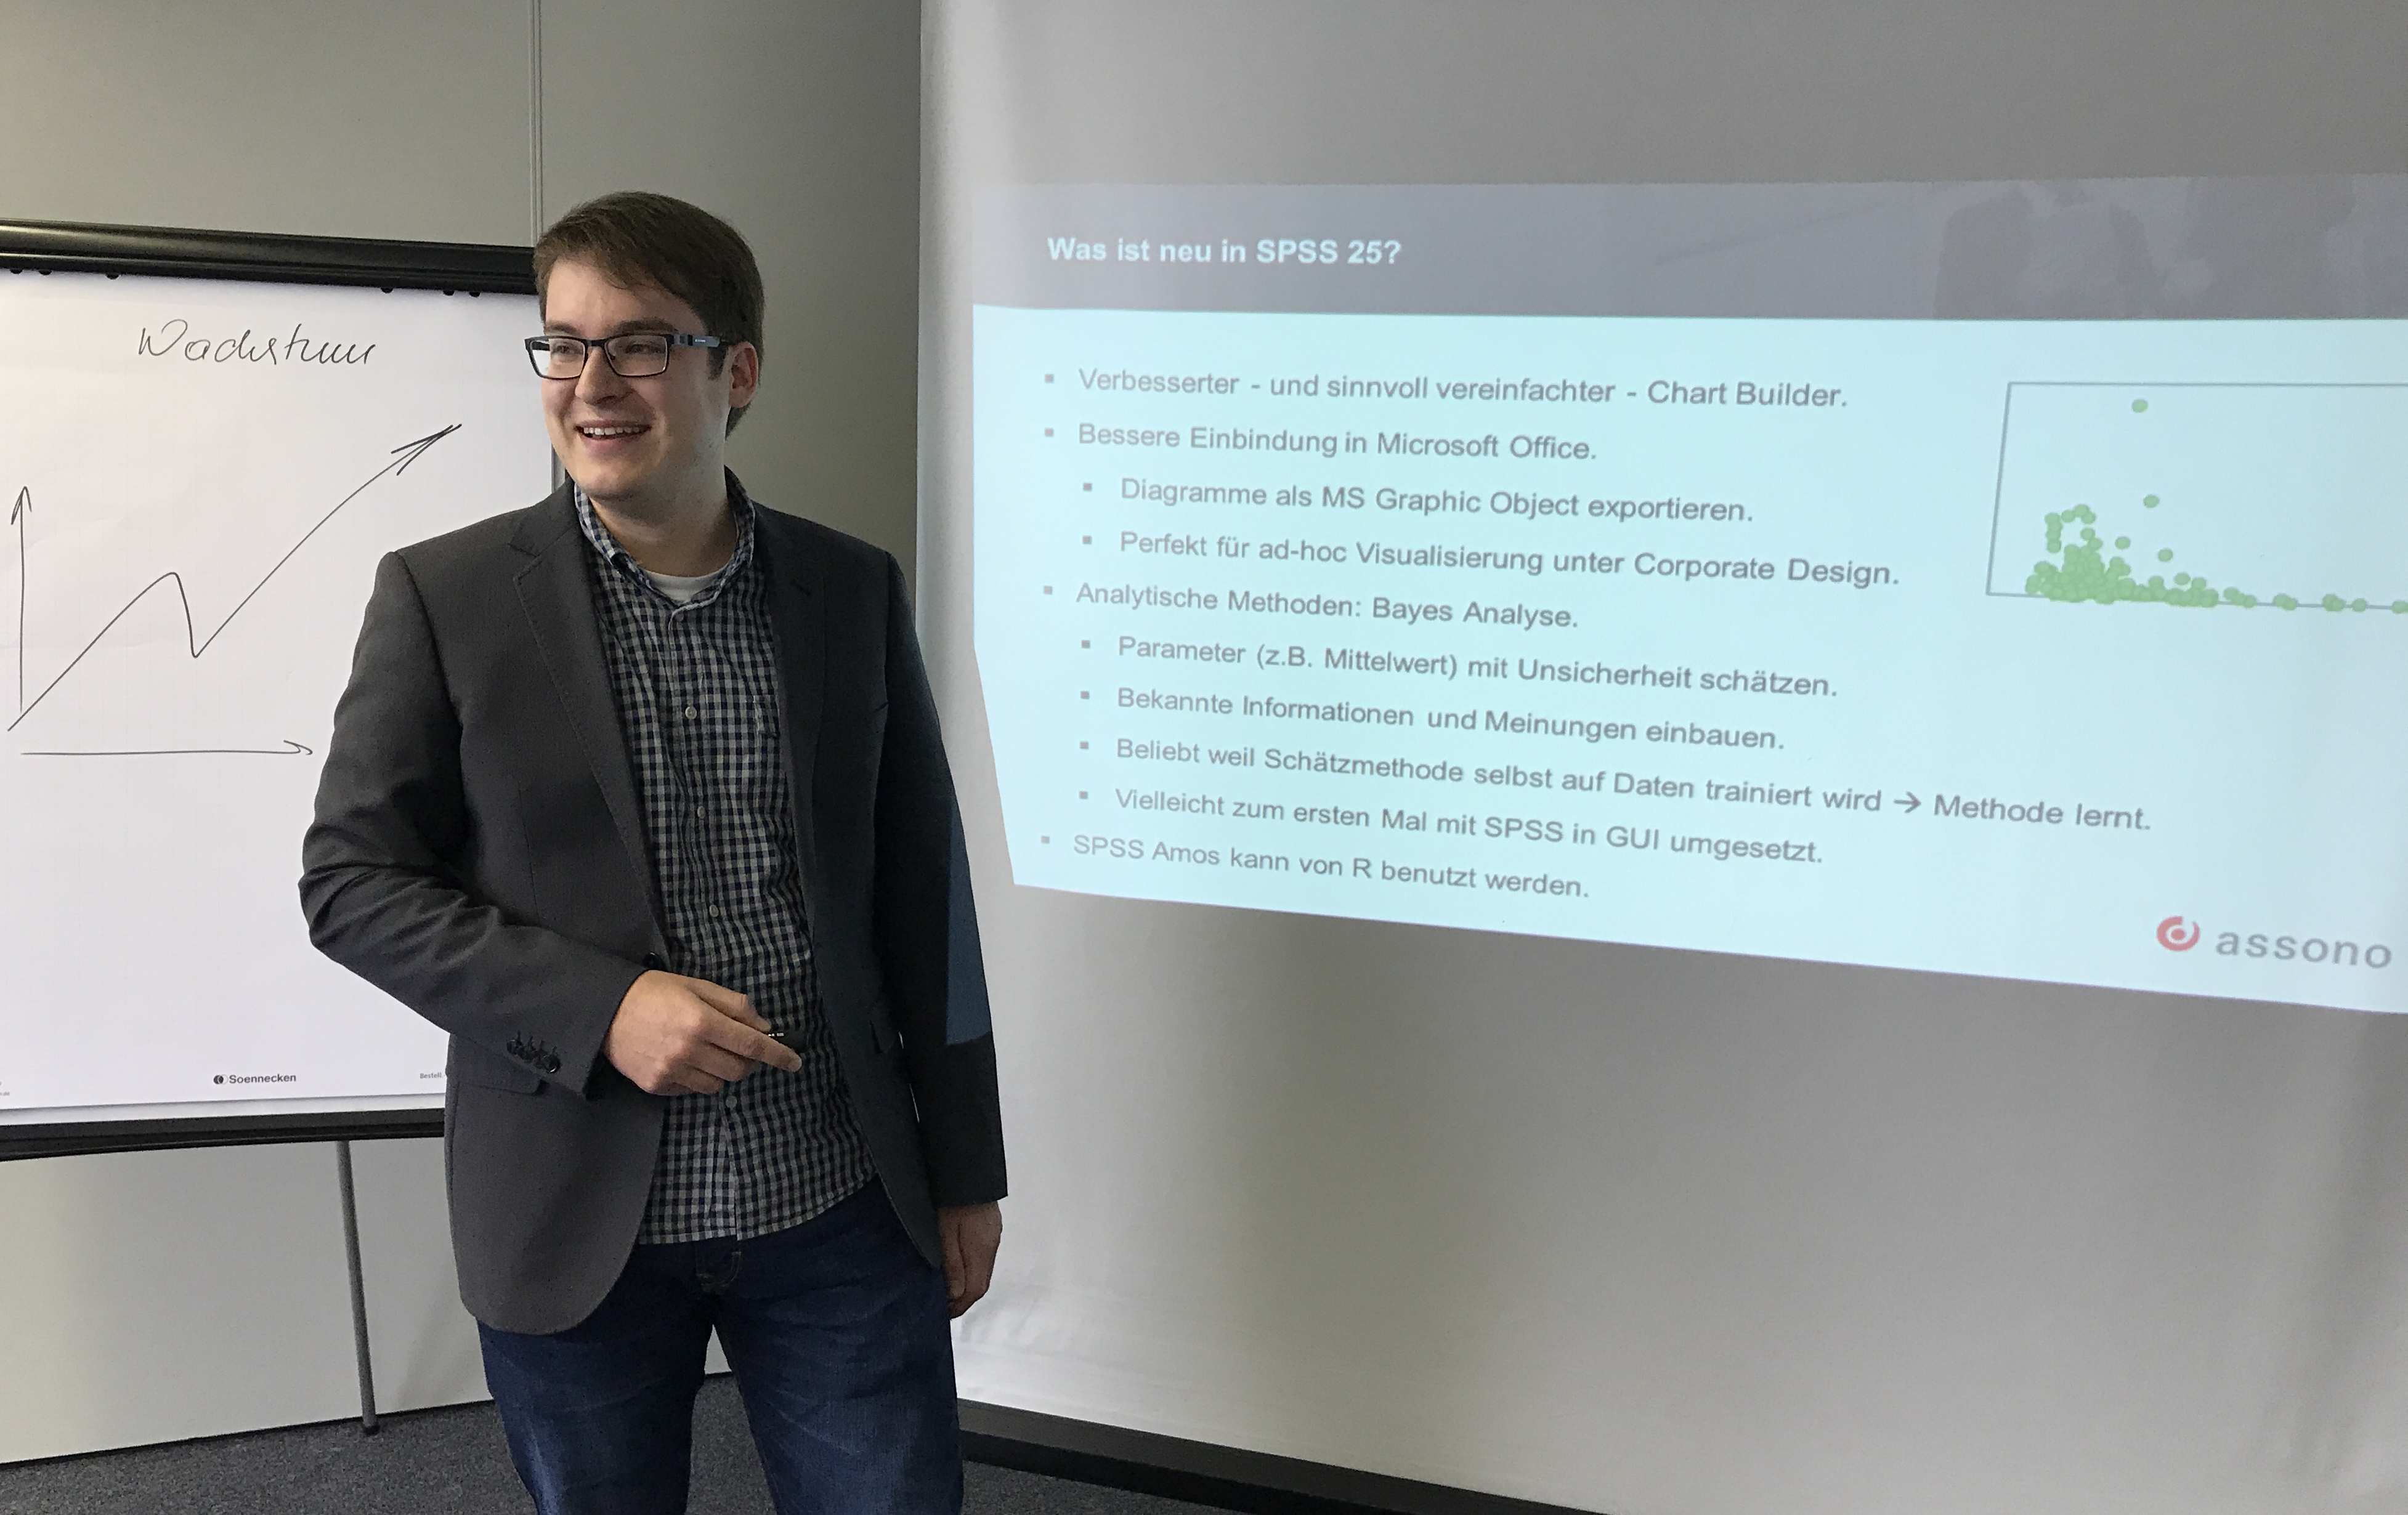 Vortrag über die Neuerungen von SPSS V25